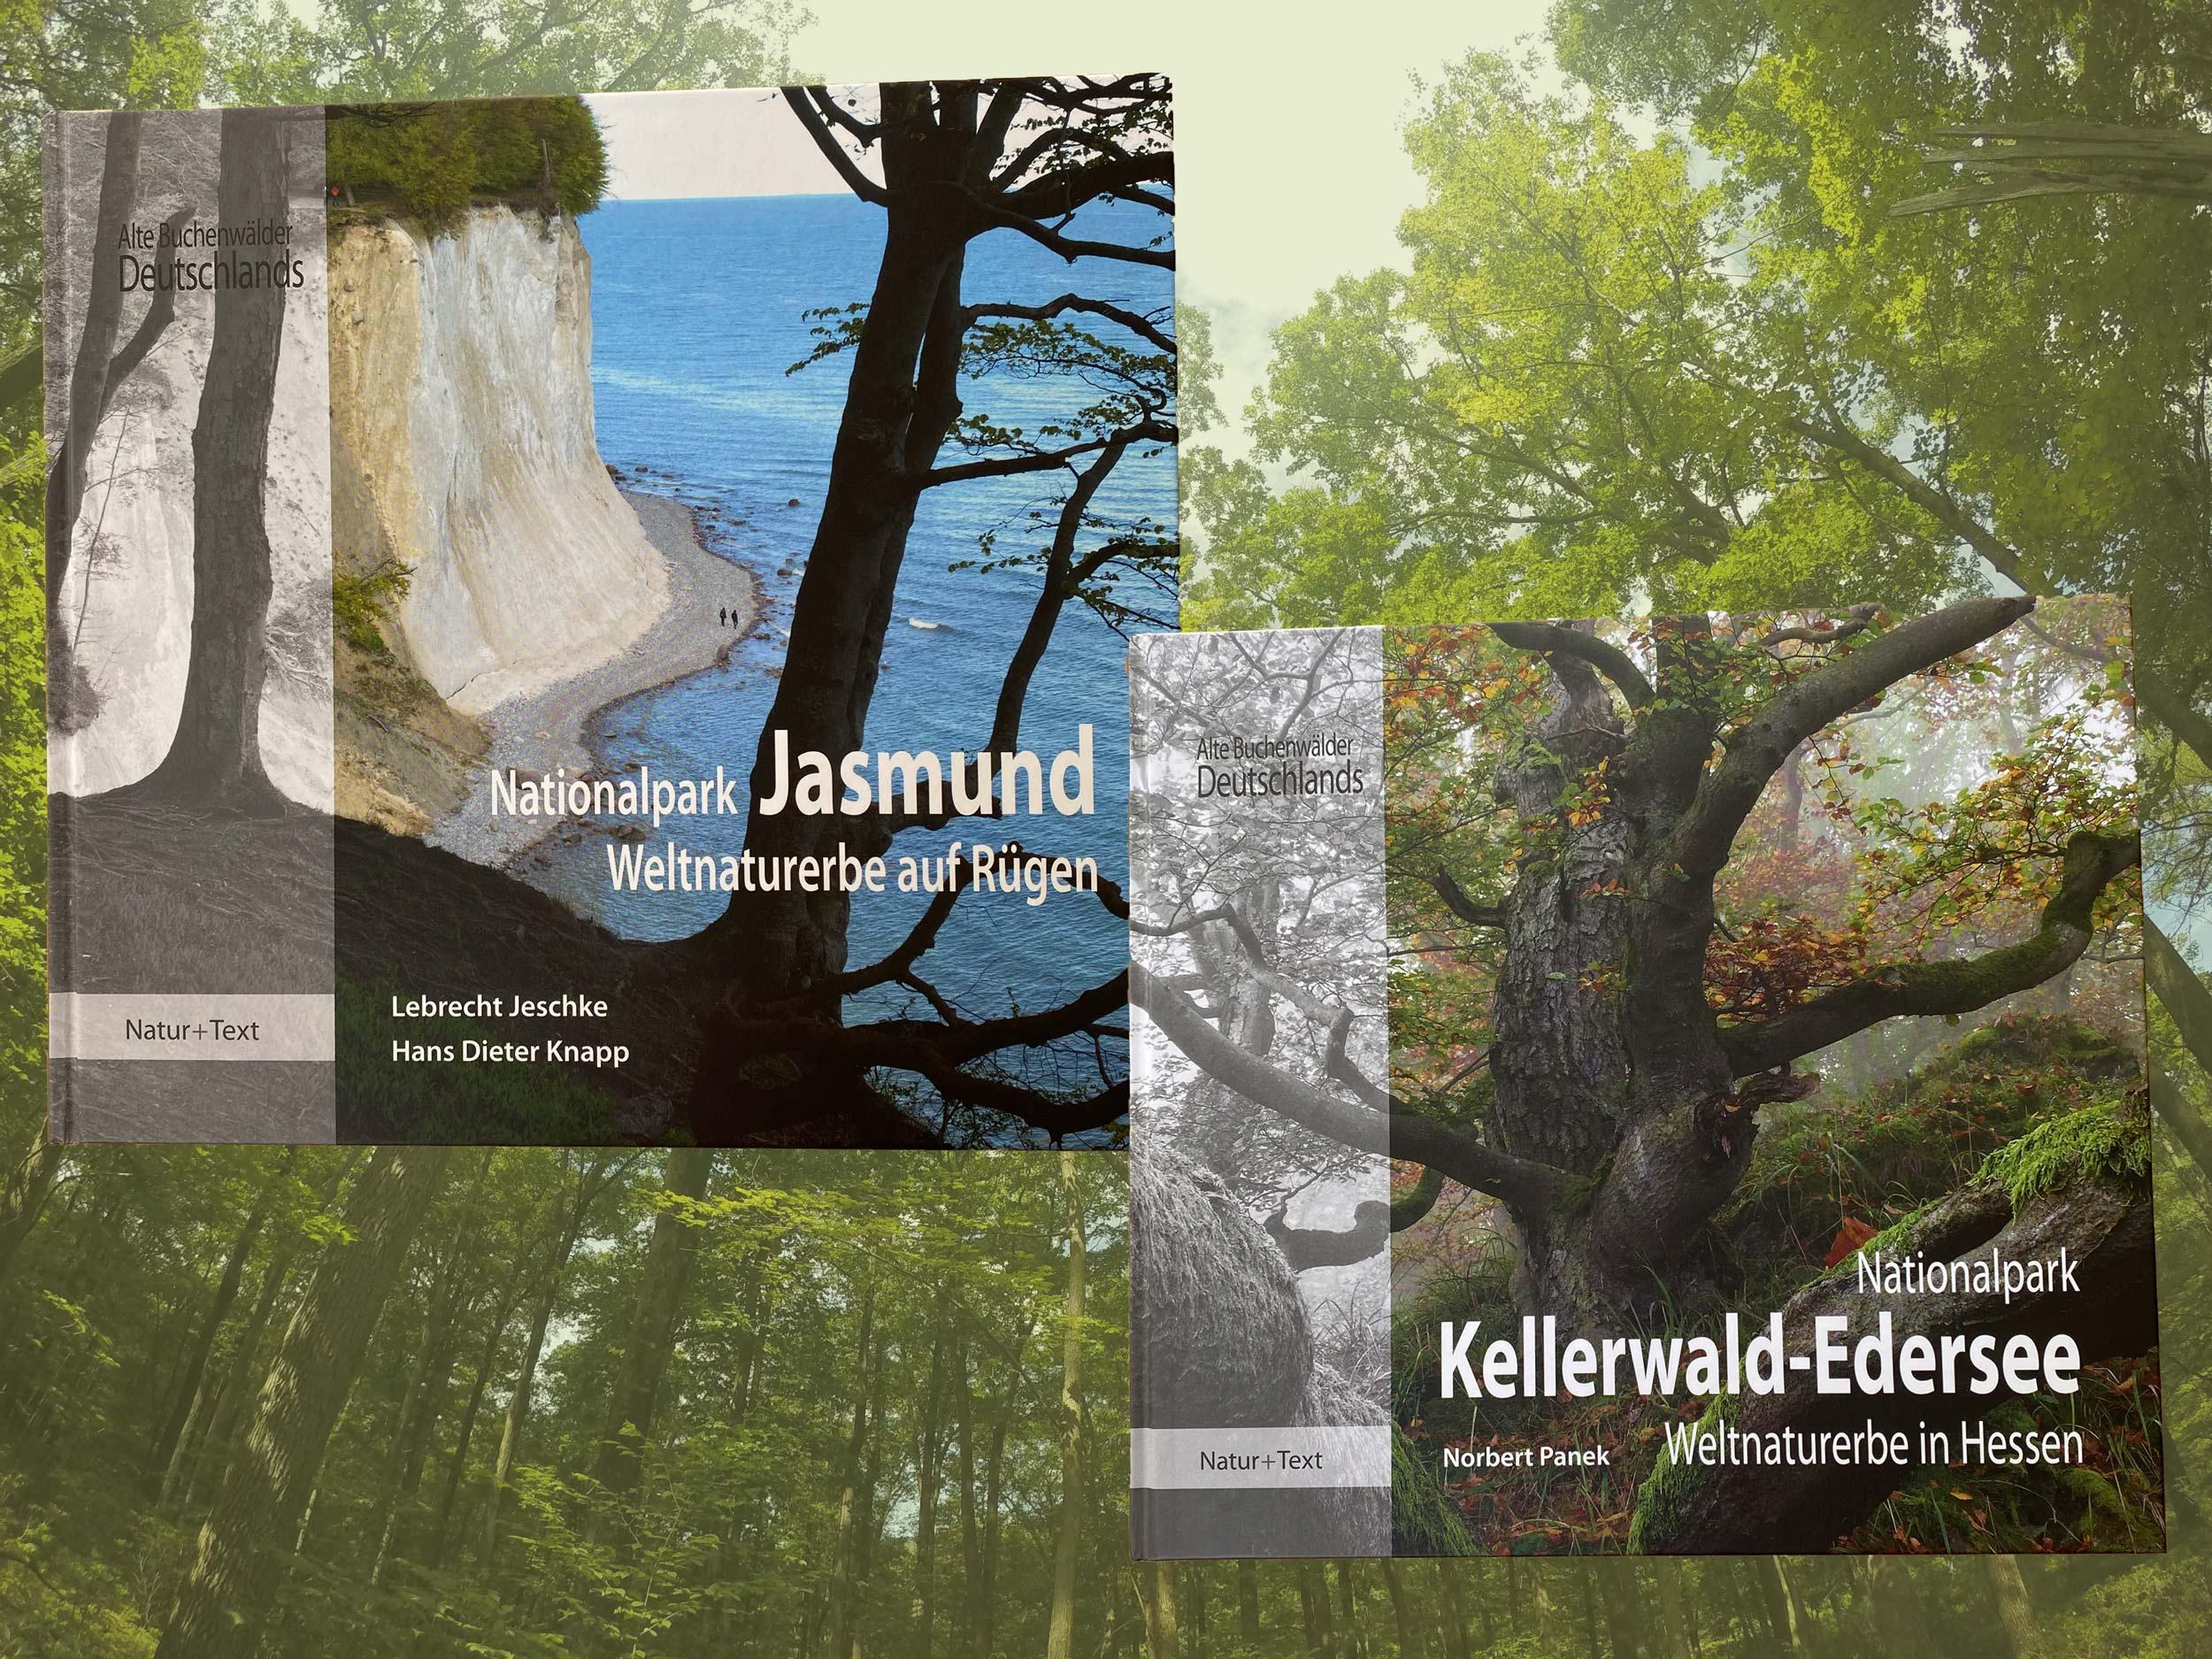 5-teilige Serie Alte Buchenwälder Deutschlands, Natur Text Verlag